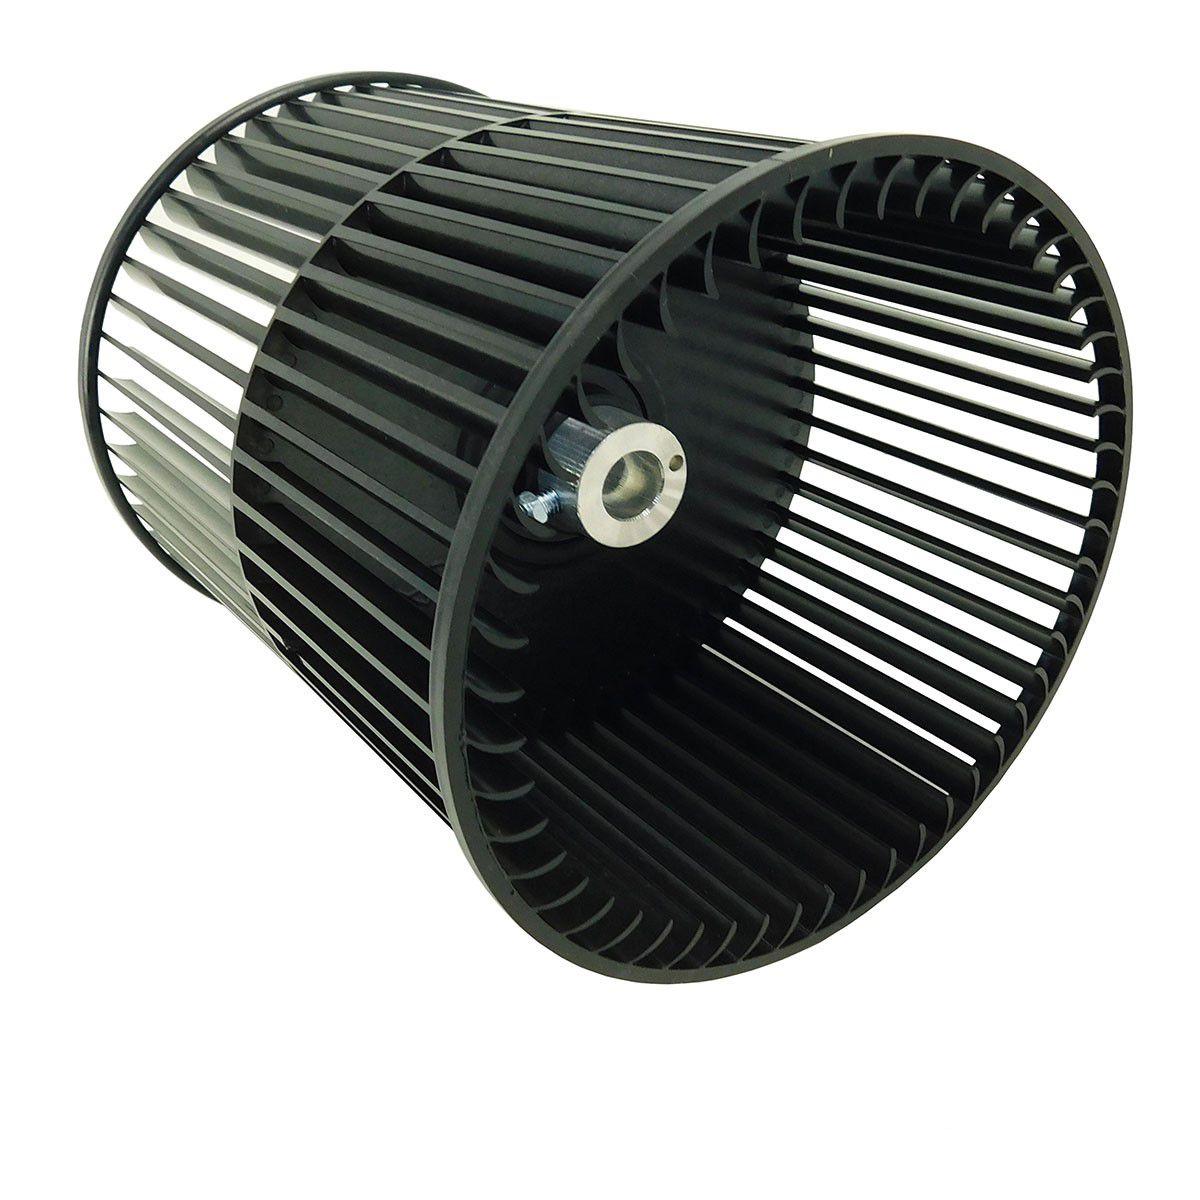 Turbina do Ventilador RPC 48.000 e 60.000 Btus Piso Teto Hitachi CF0048029